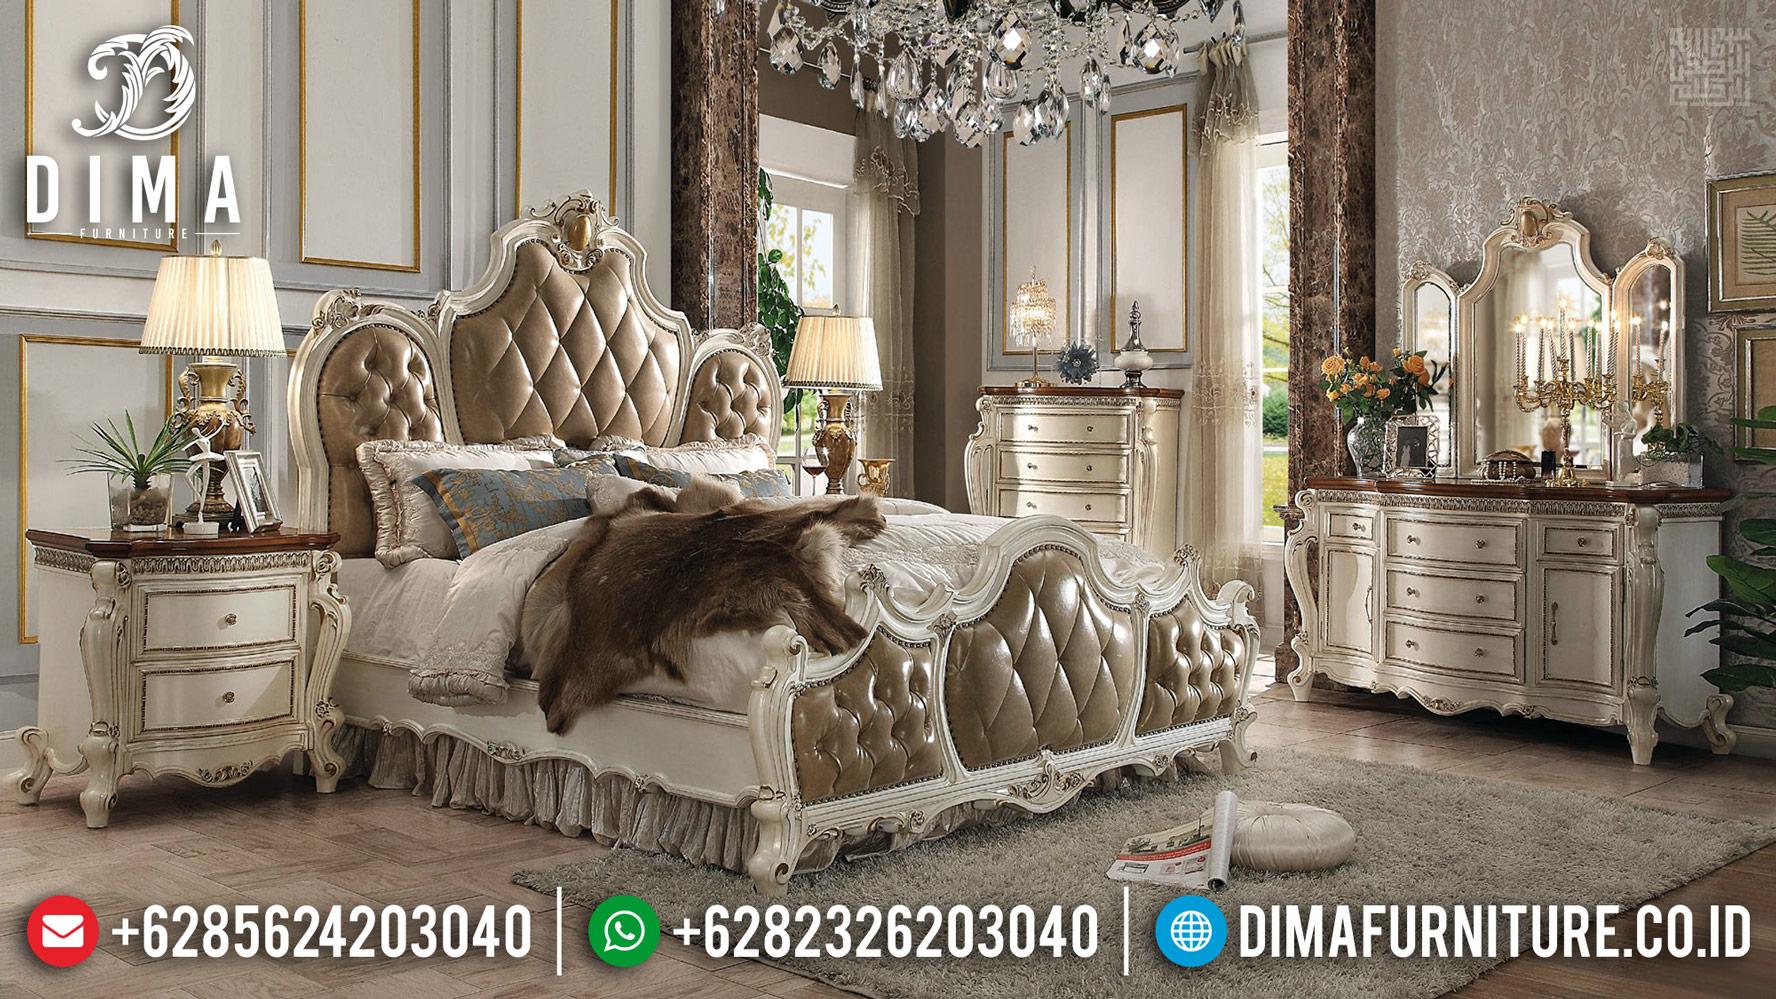 Tempat Tidur Jepara Mewah Harga Murah Meriah New 2020 TTJ-0428